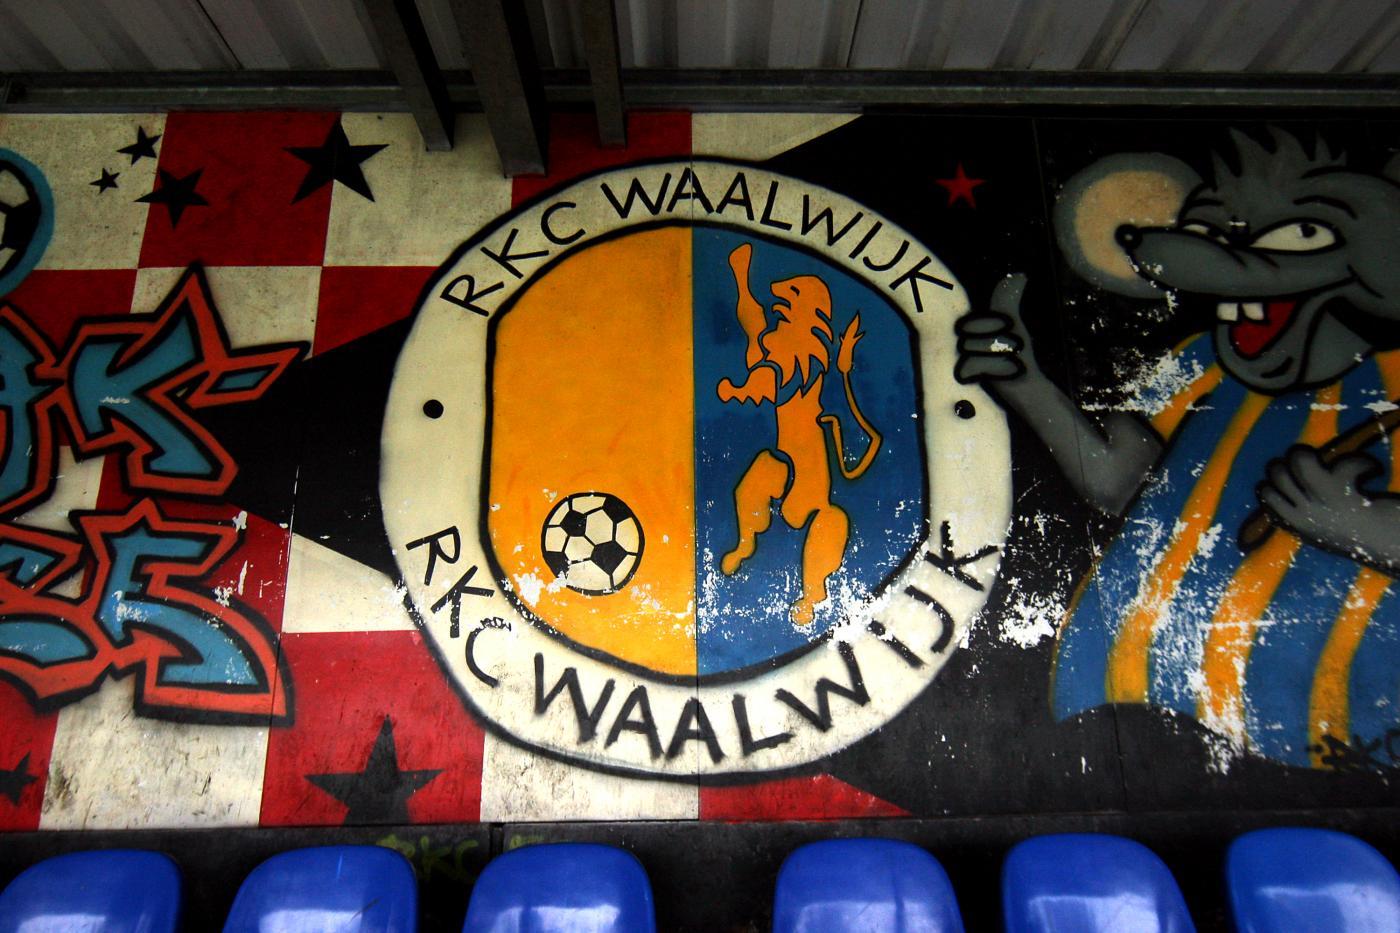 Eerste Divisie, Nec Nijmegen-Waalwijk lunedì 22 aprile: analisi e pronostico della 36ma giornata della seconda divisione olandese